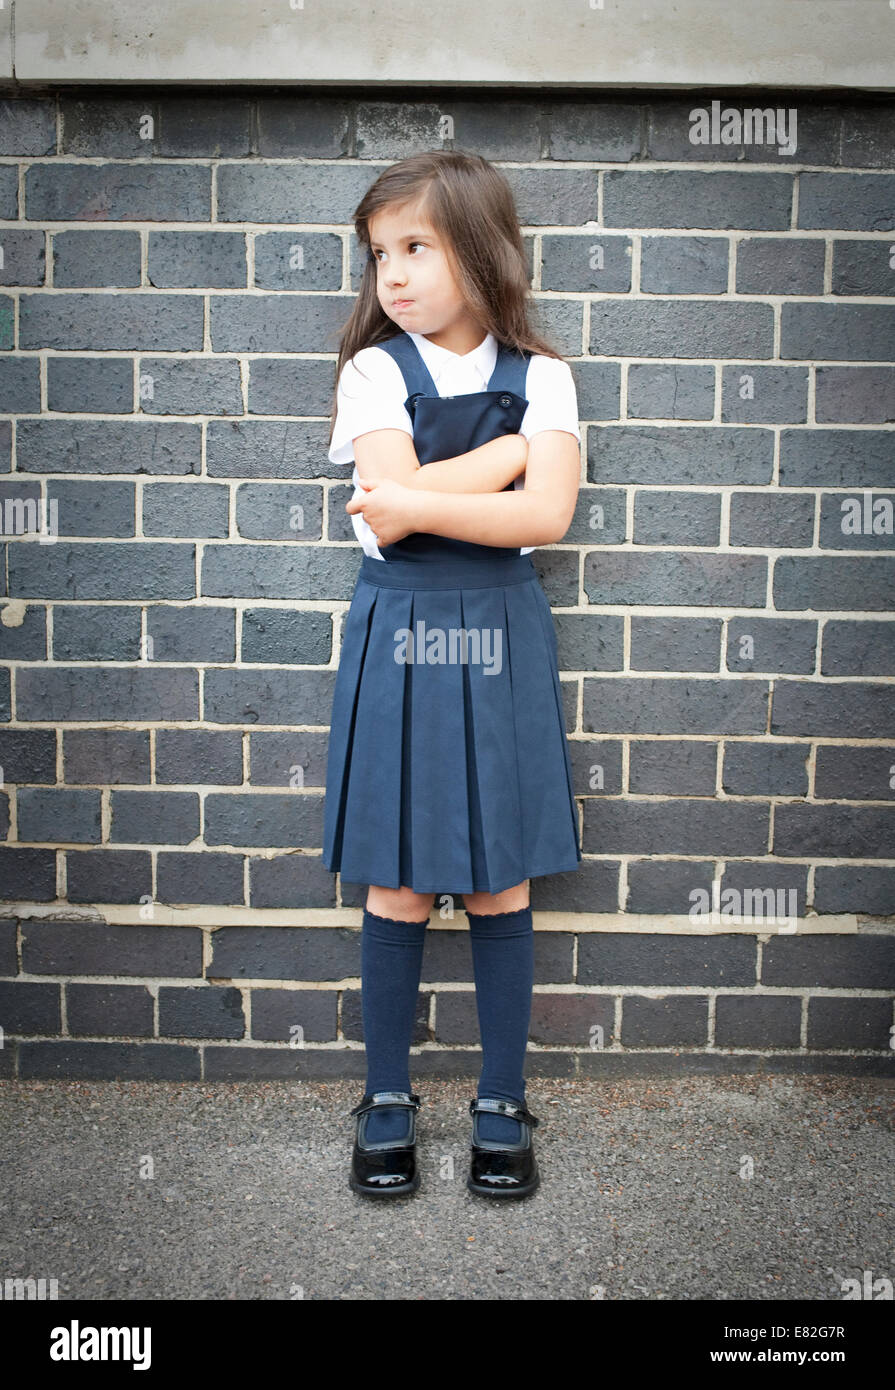 Porträt eines Mädchens im Spielplatz suchen mürrisch mit verschränkten Armen Stockbild